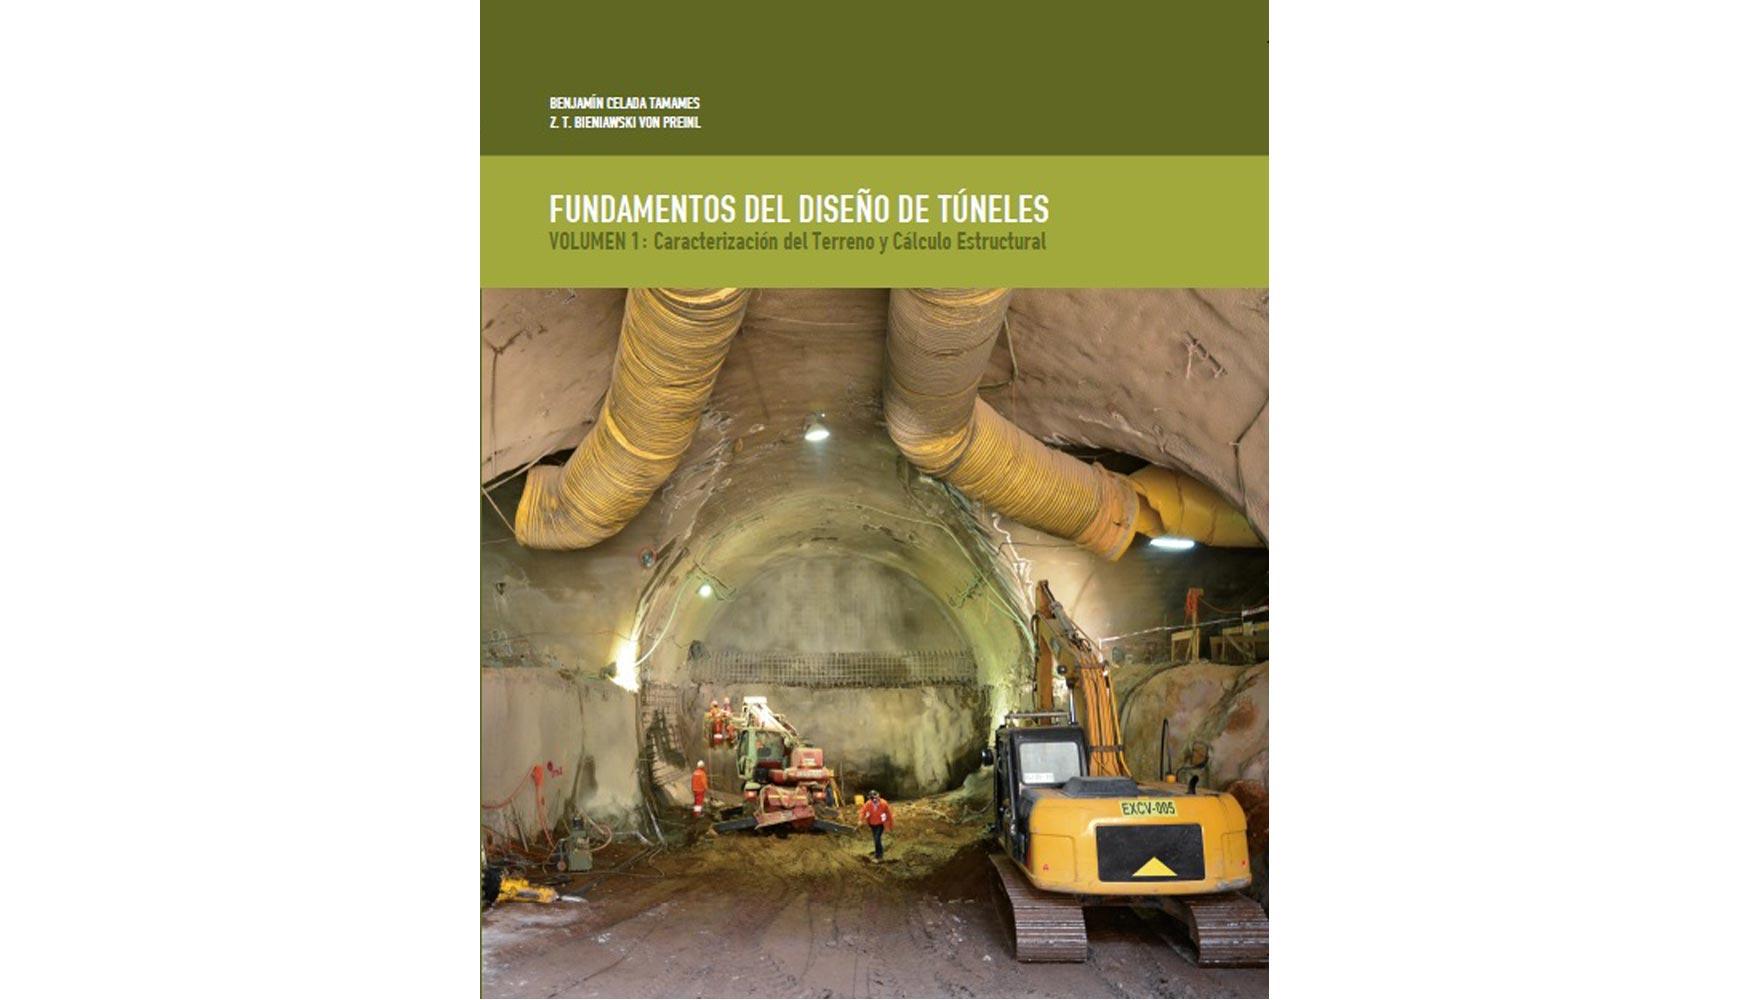 El libro \'Fundamentos del Diseño de Túneles\', presentado en el marco ...